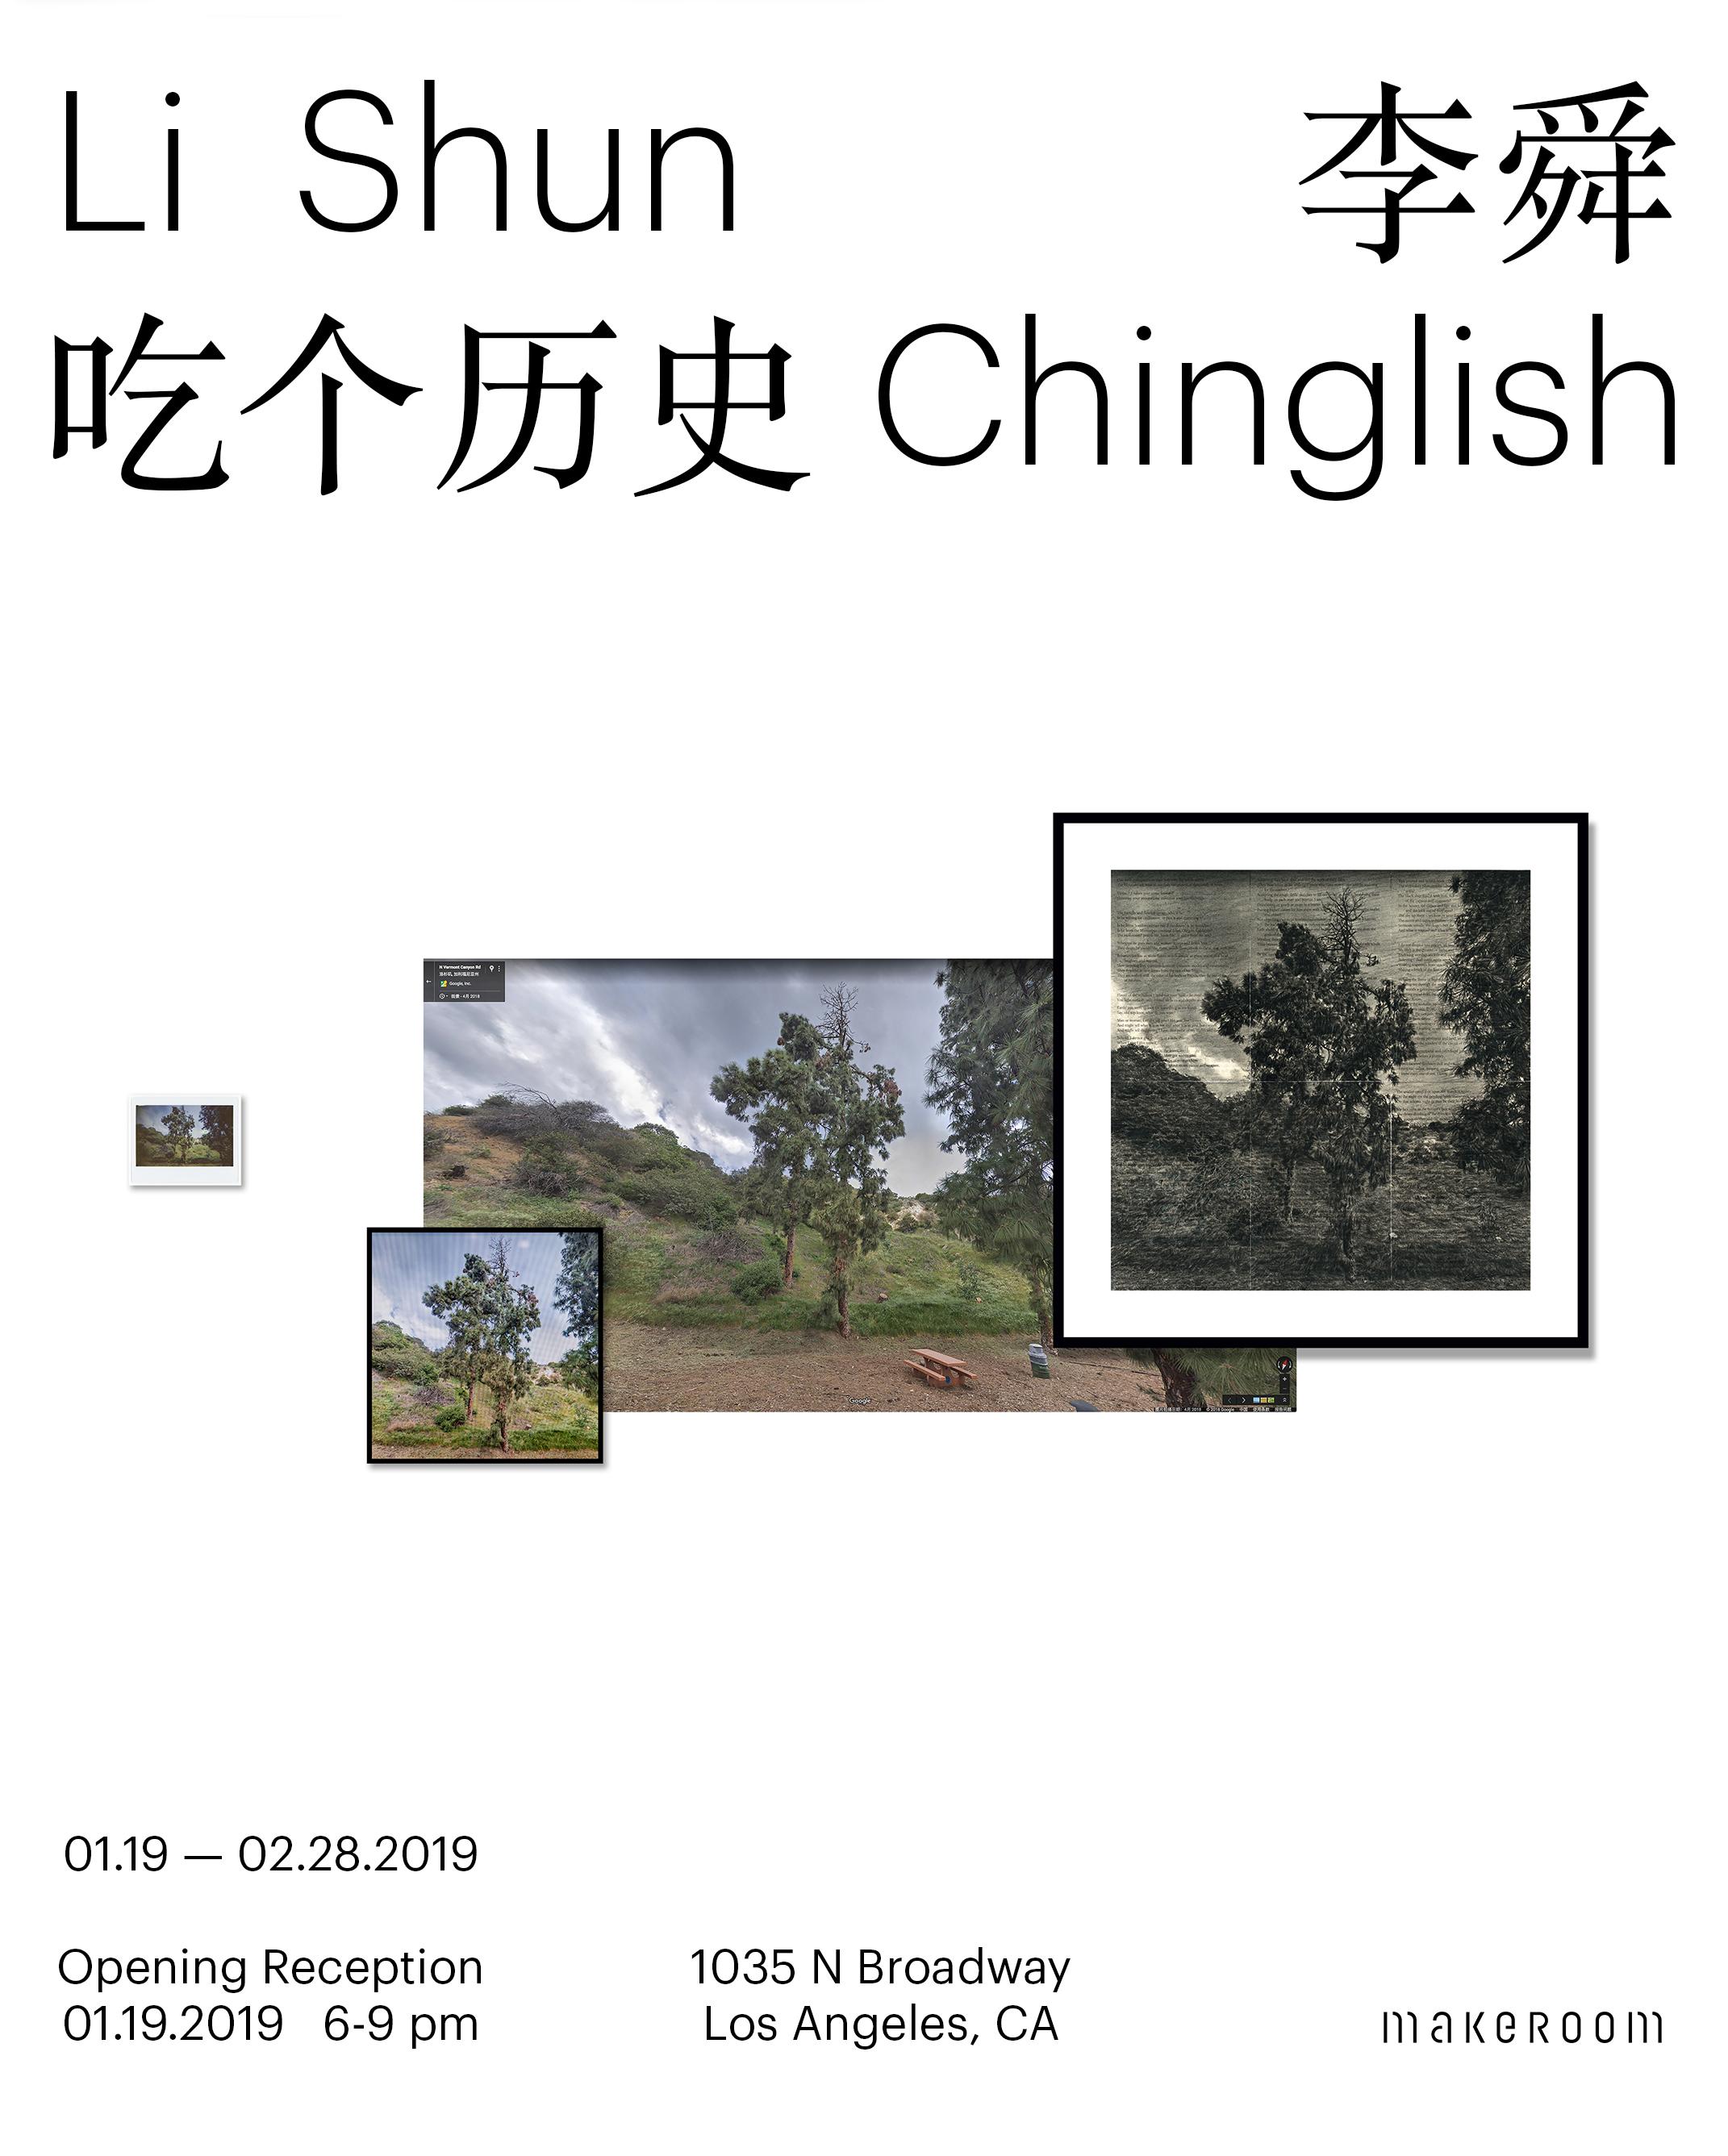 LISHUN_Chinglish.jpg